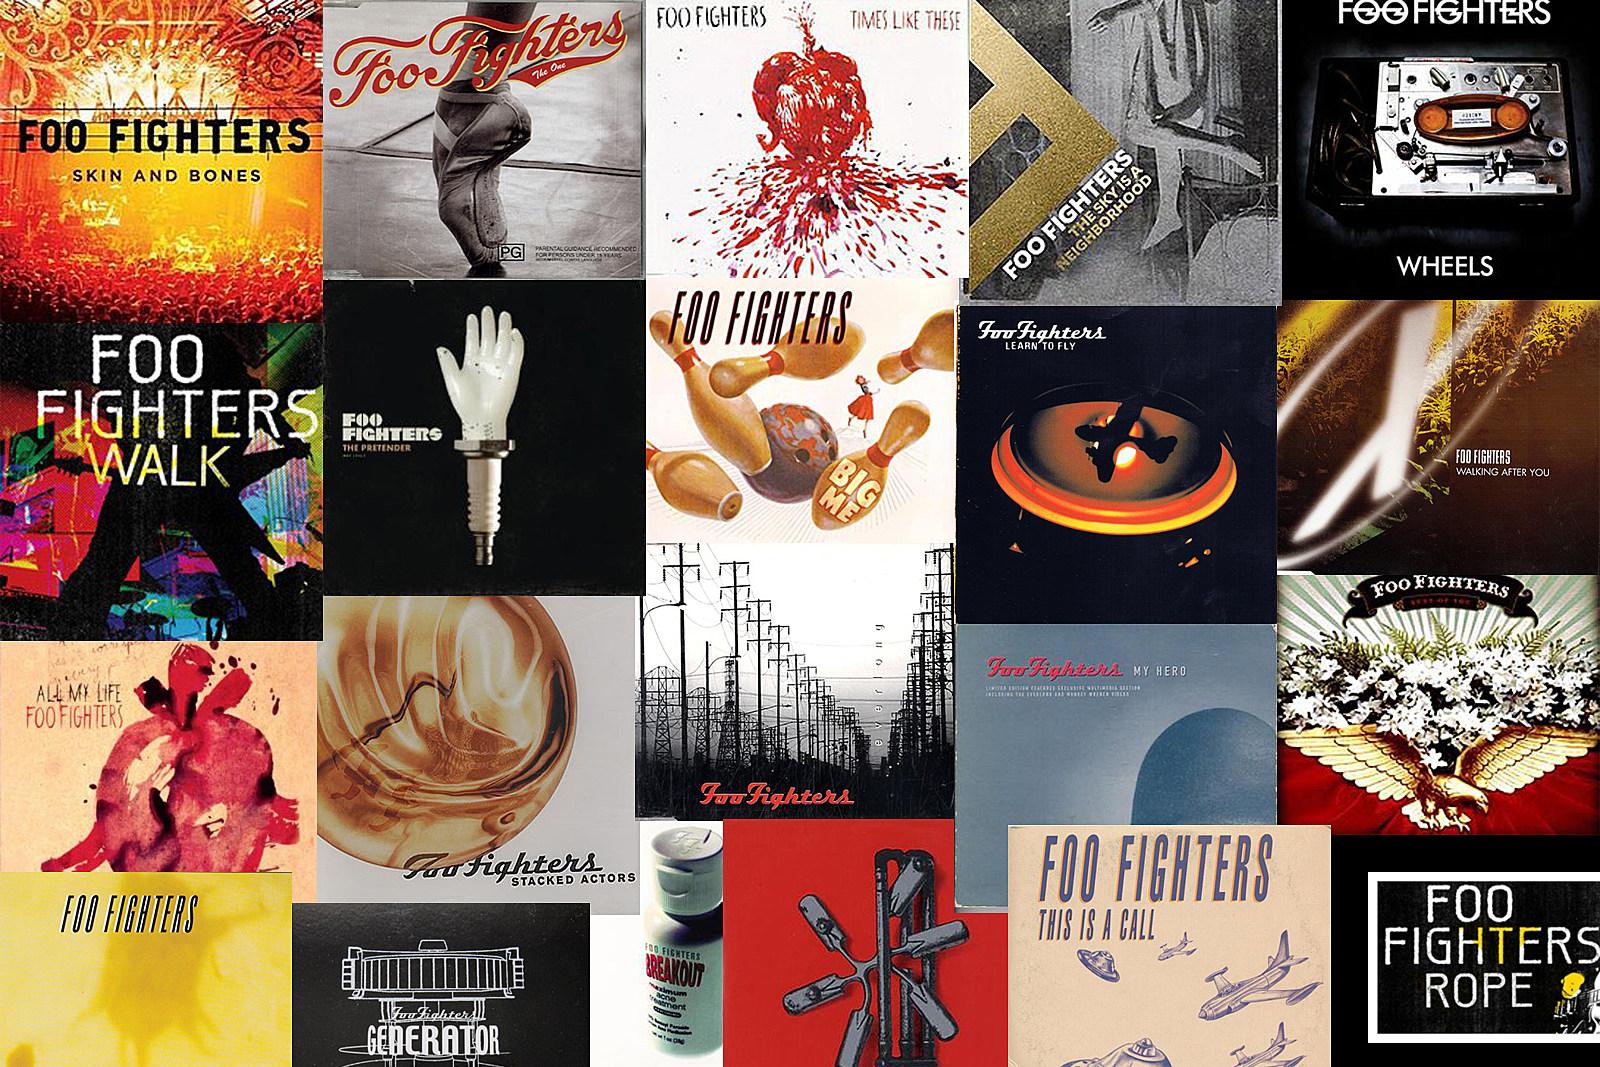 Top 25 Foo Fighters Songs